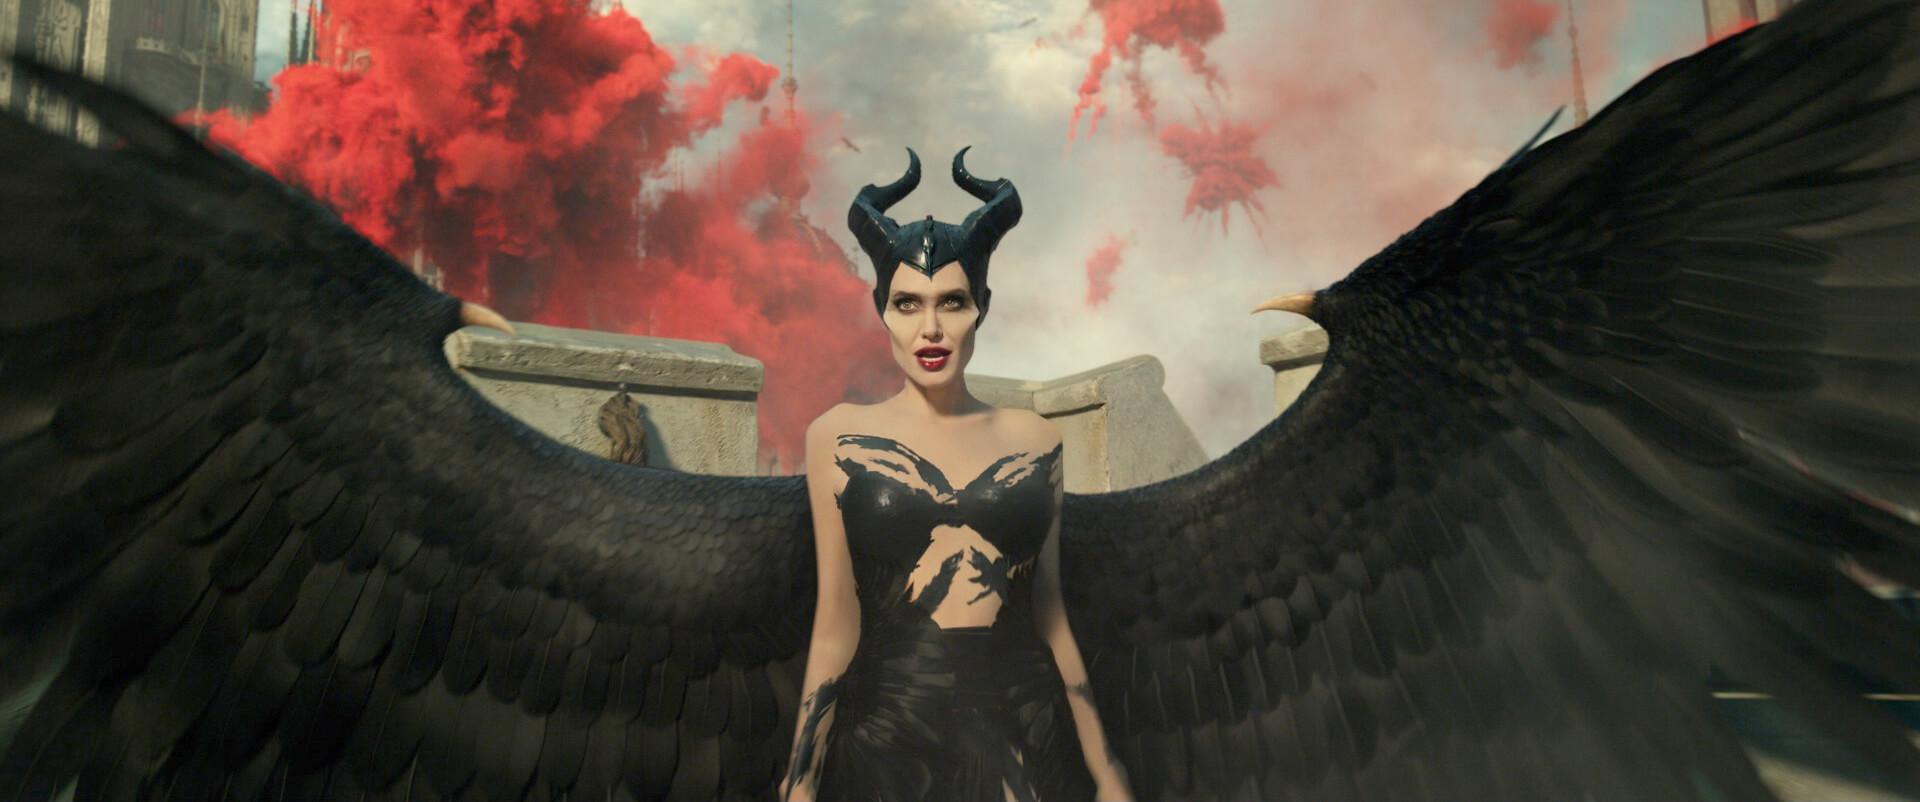 """新次元の上映システム""""ScreenX""""で、マレフィセントと大空へ!『マレフィセント2』公開に先駆け、ScreenX版・特別映像が到着 film191015_-Maleficent2_01"""